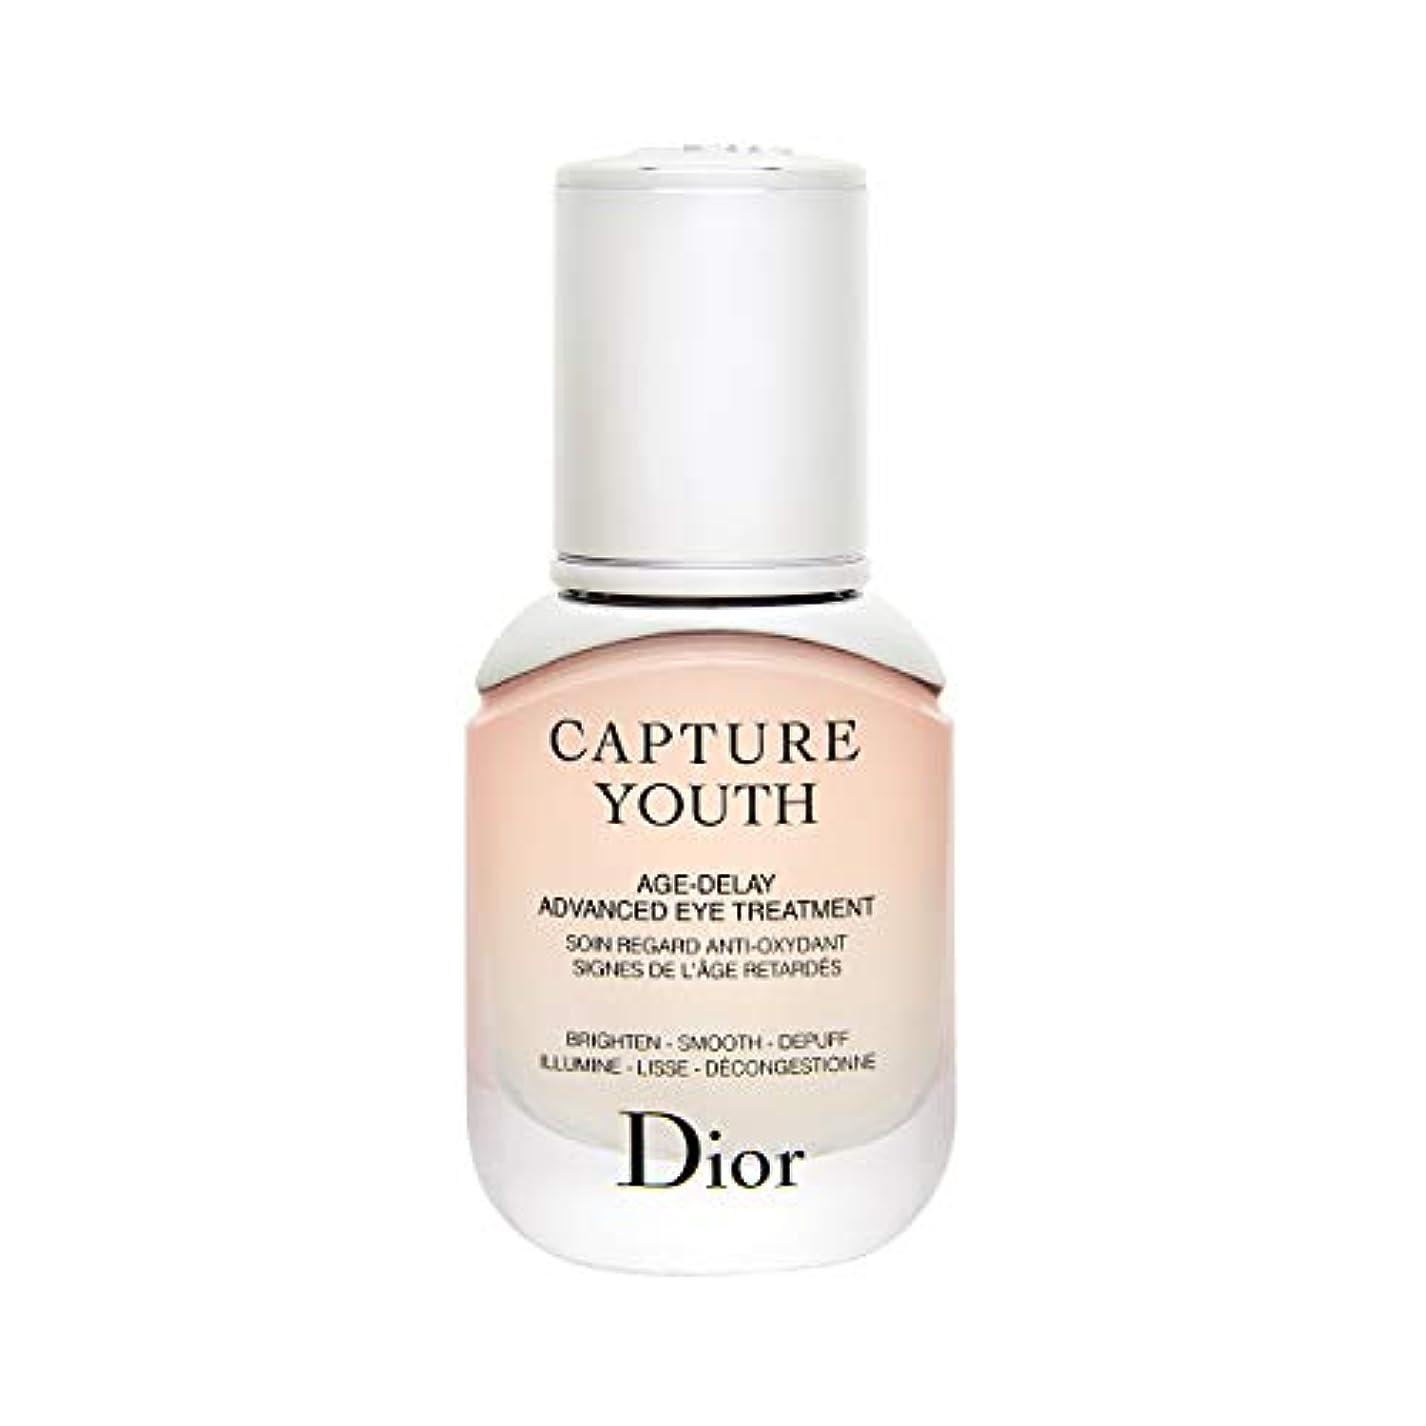 ログアナニバー緩むディオール(Dior) カプチュール ユース アイ トリートメント 15ml [並行輸入品]